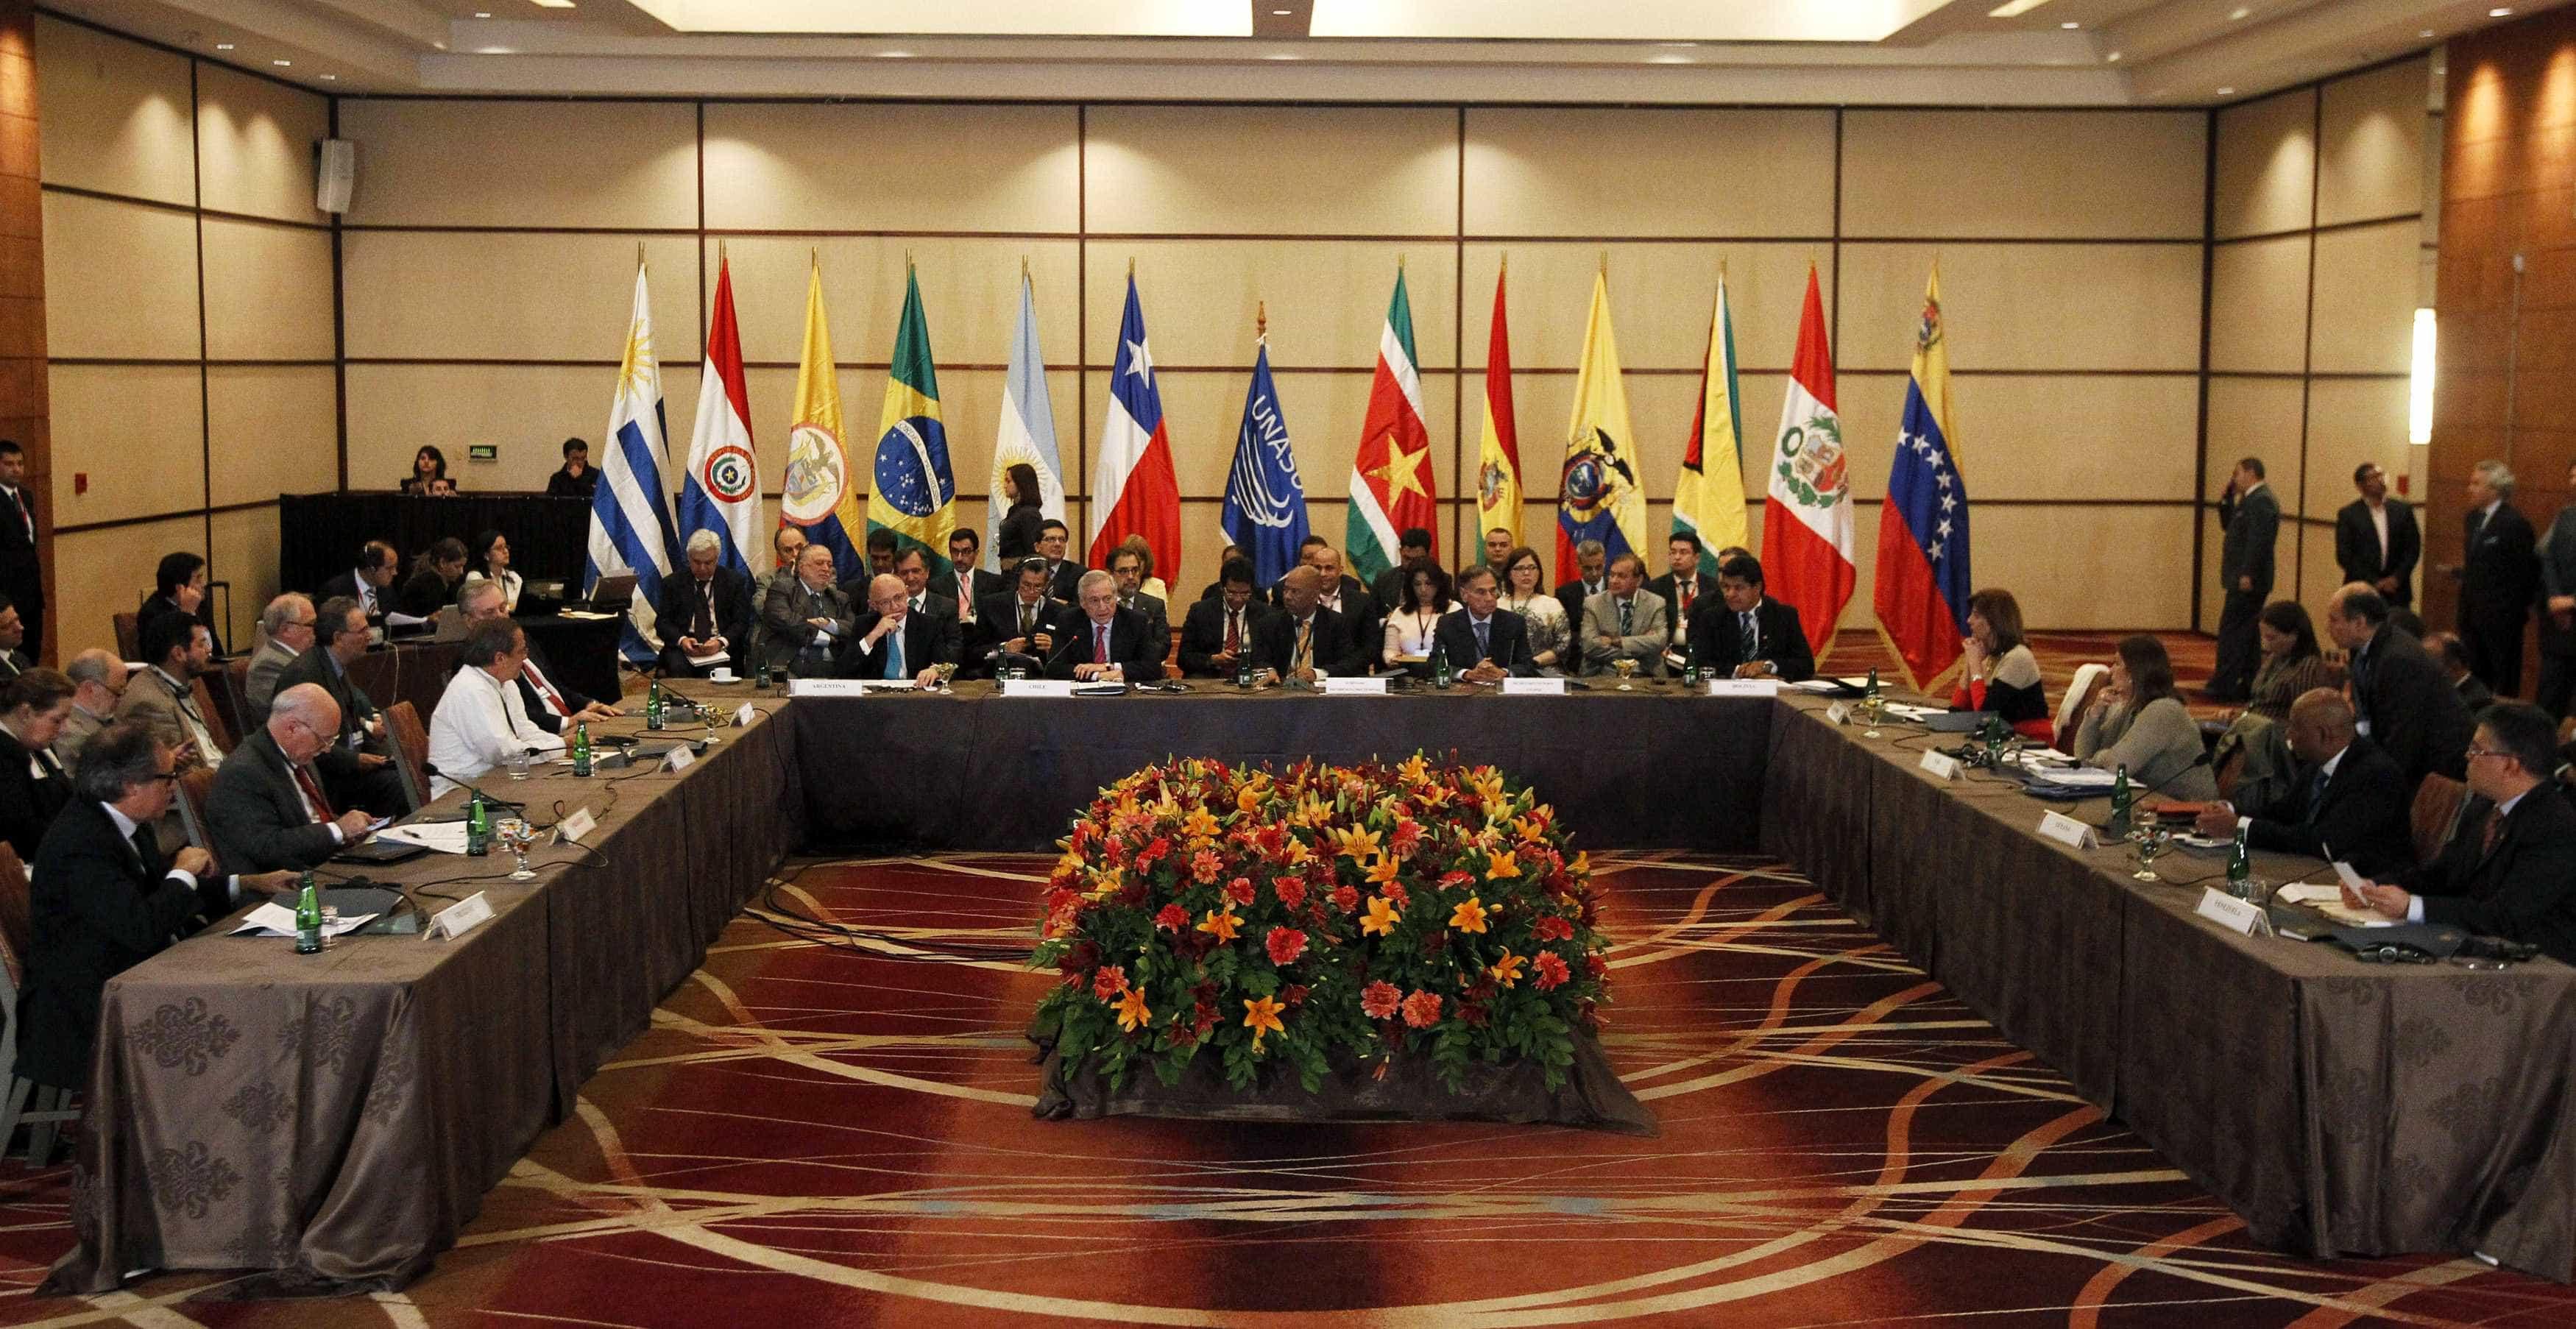 Brasil formaliza saída da Unasul para integrar Prosul